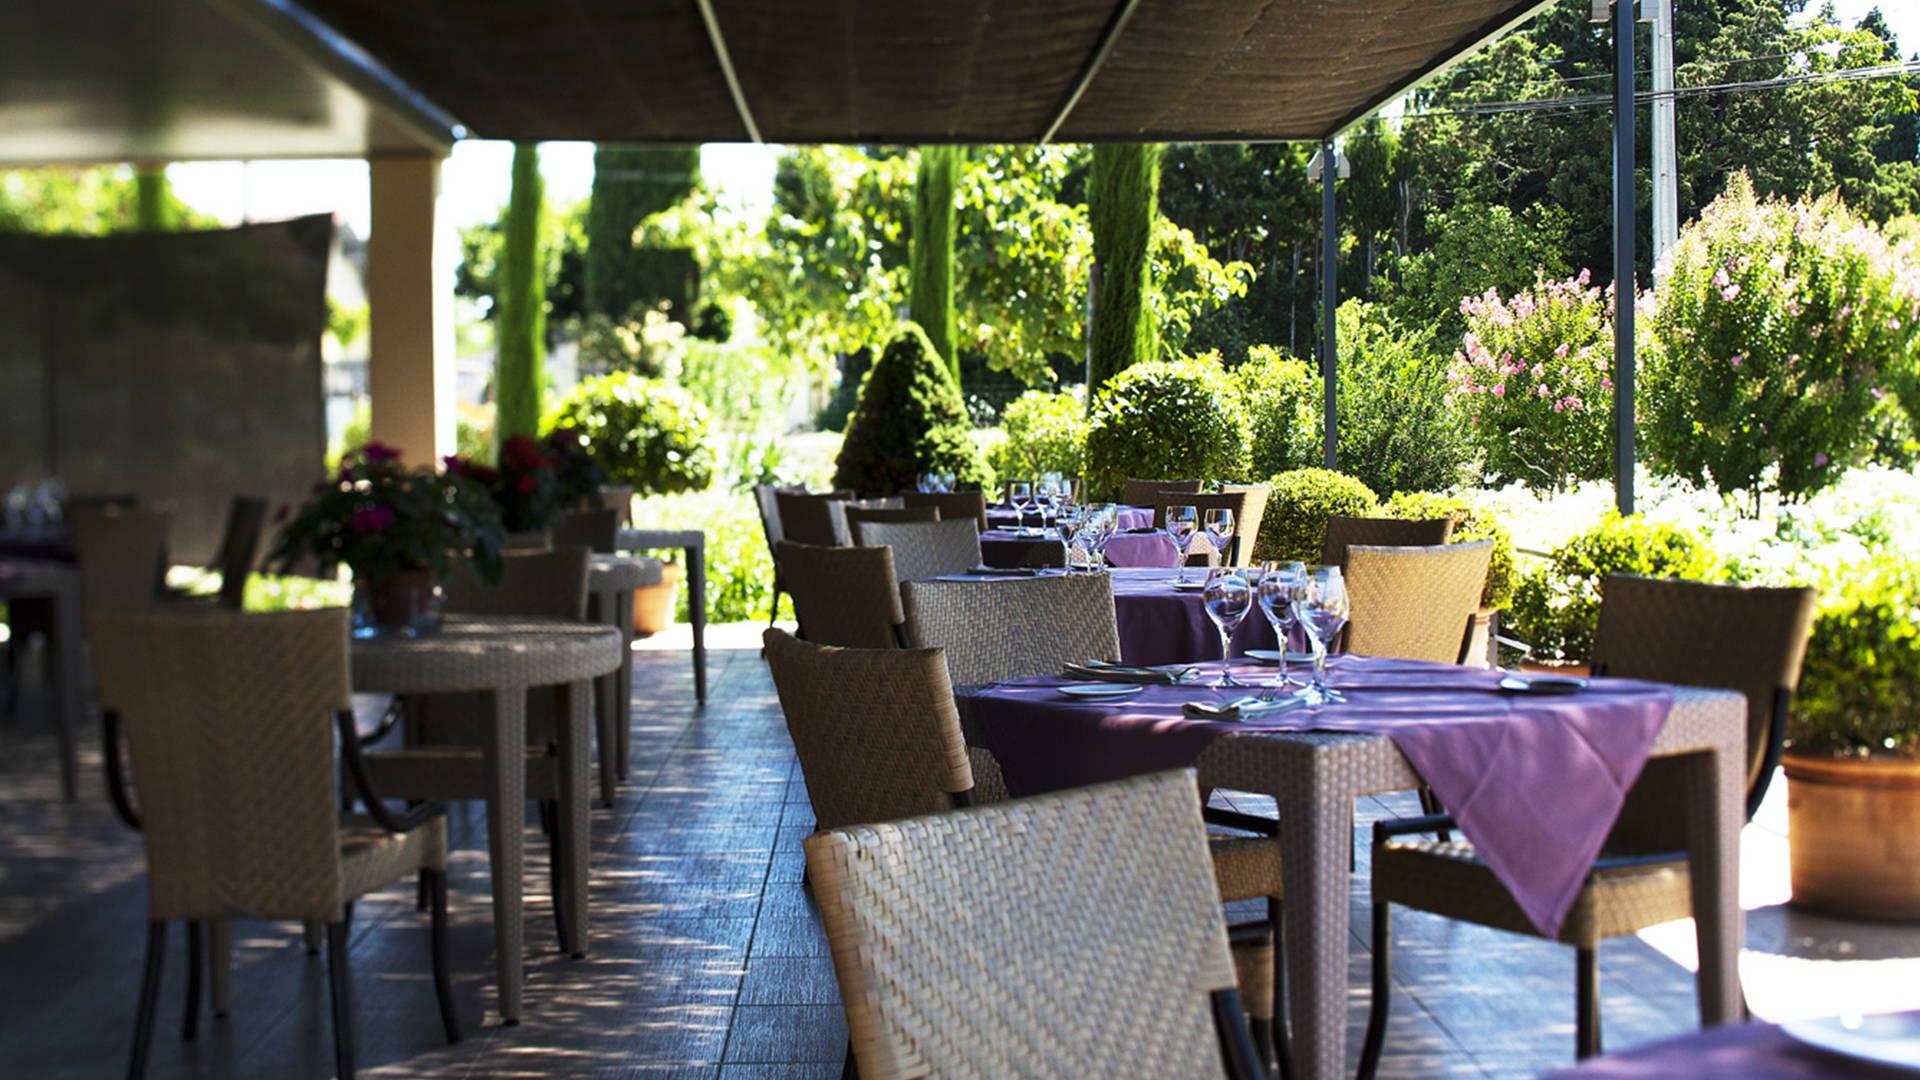 terrasse de restaurant- avec verdure, restaurant gastronomique provence, Le Pré Gourmand